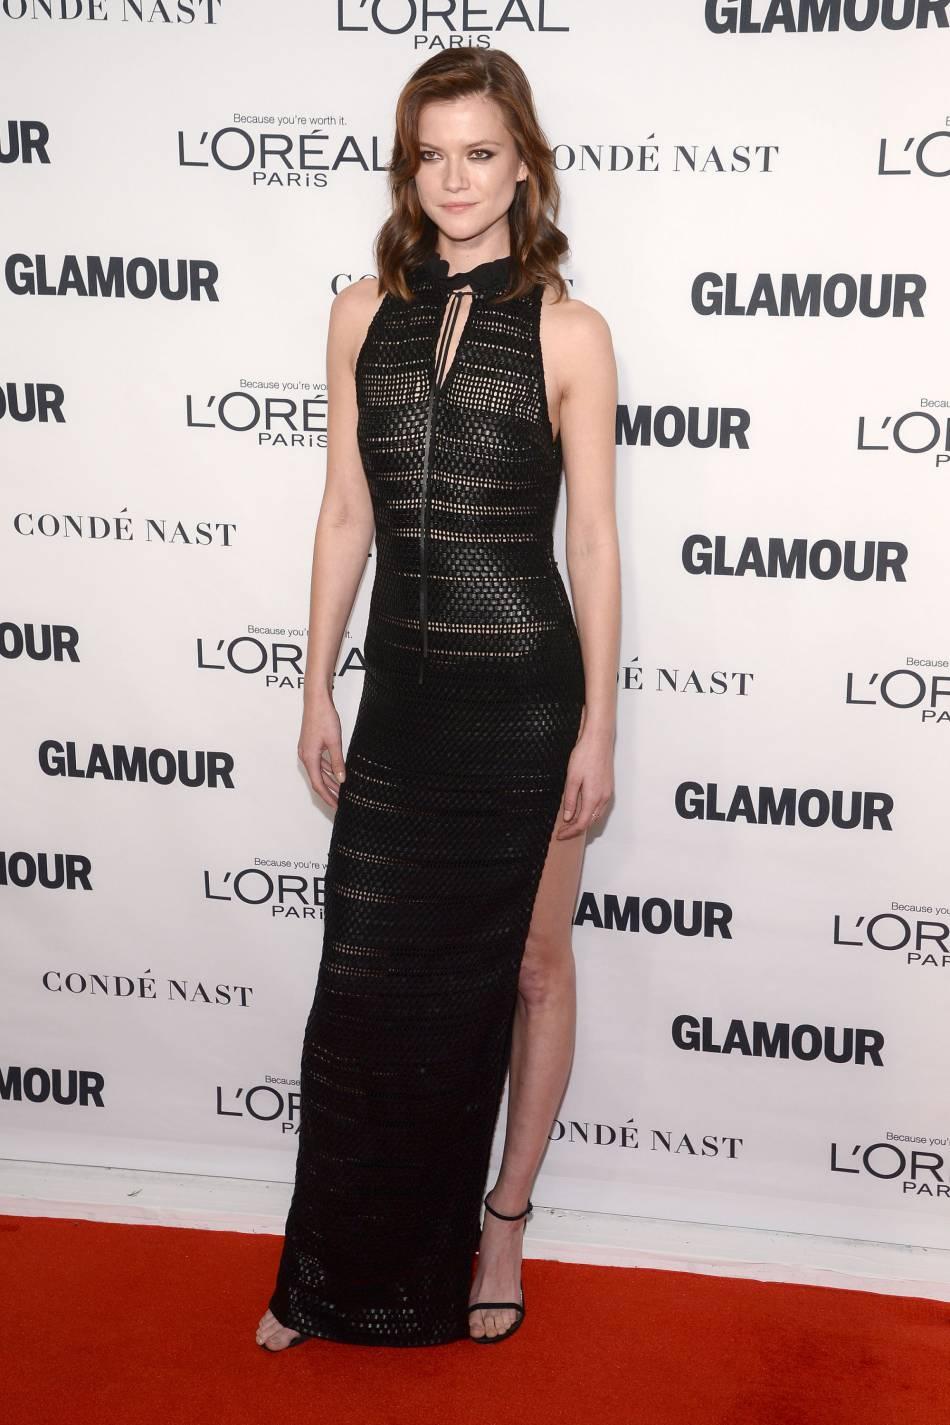 Le top Kasia Struss aux Glamour Awards le 9 novembre 2015 à New York.